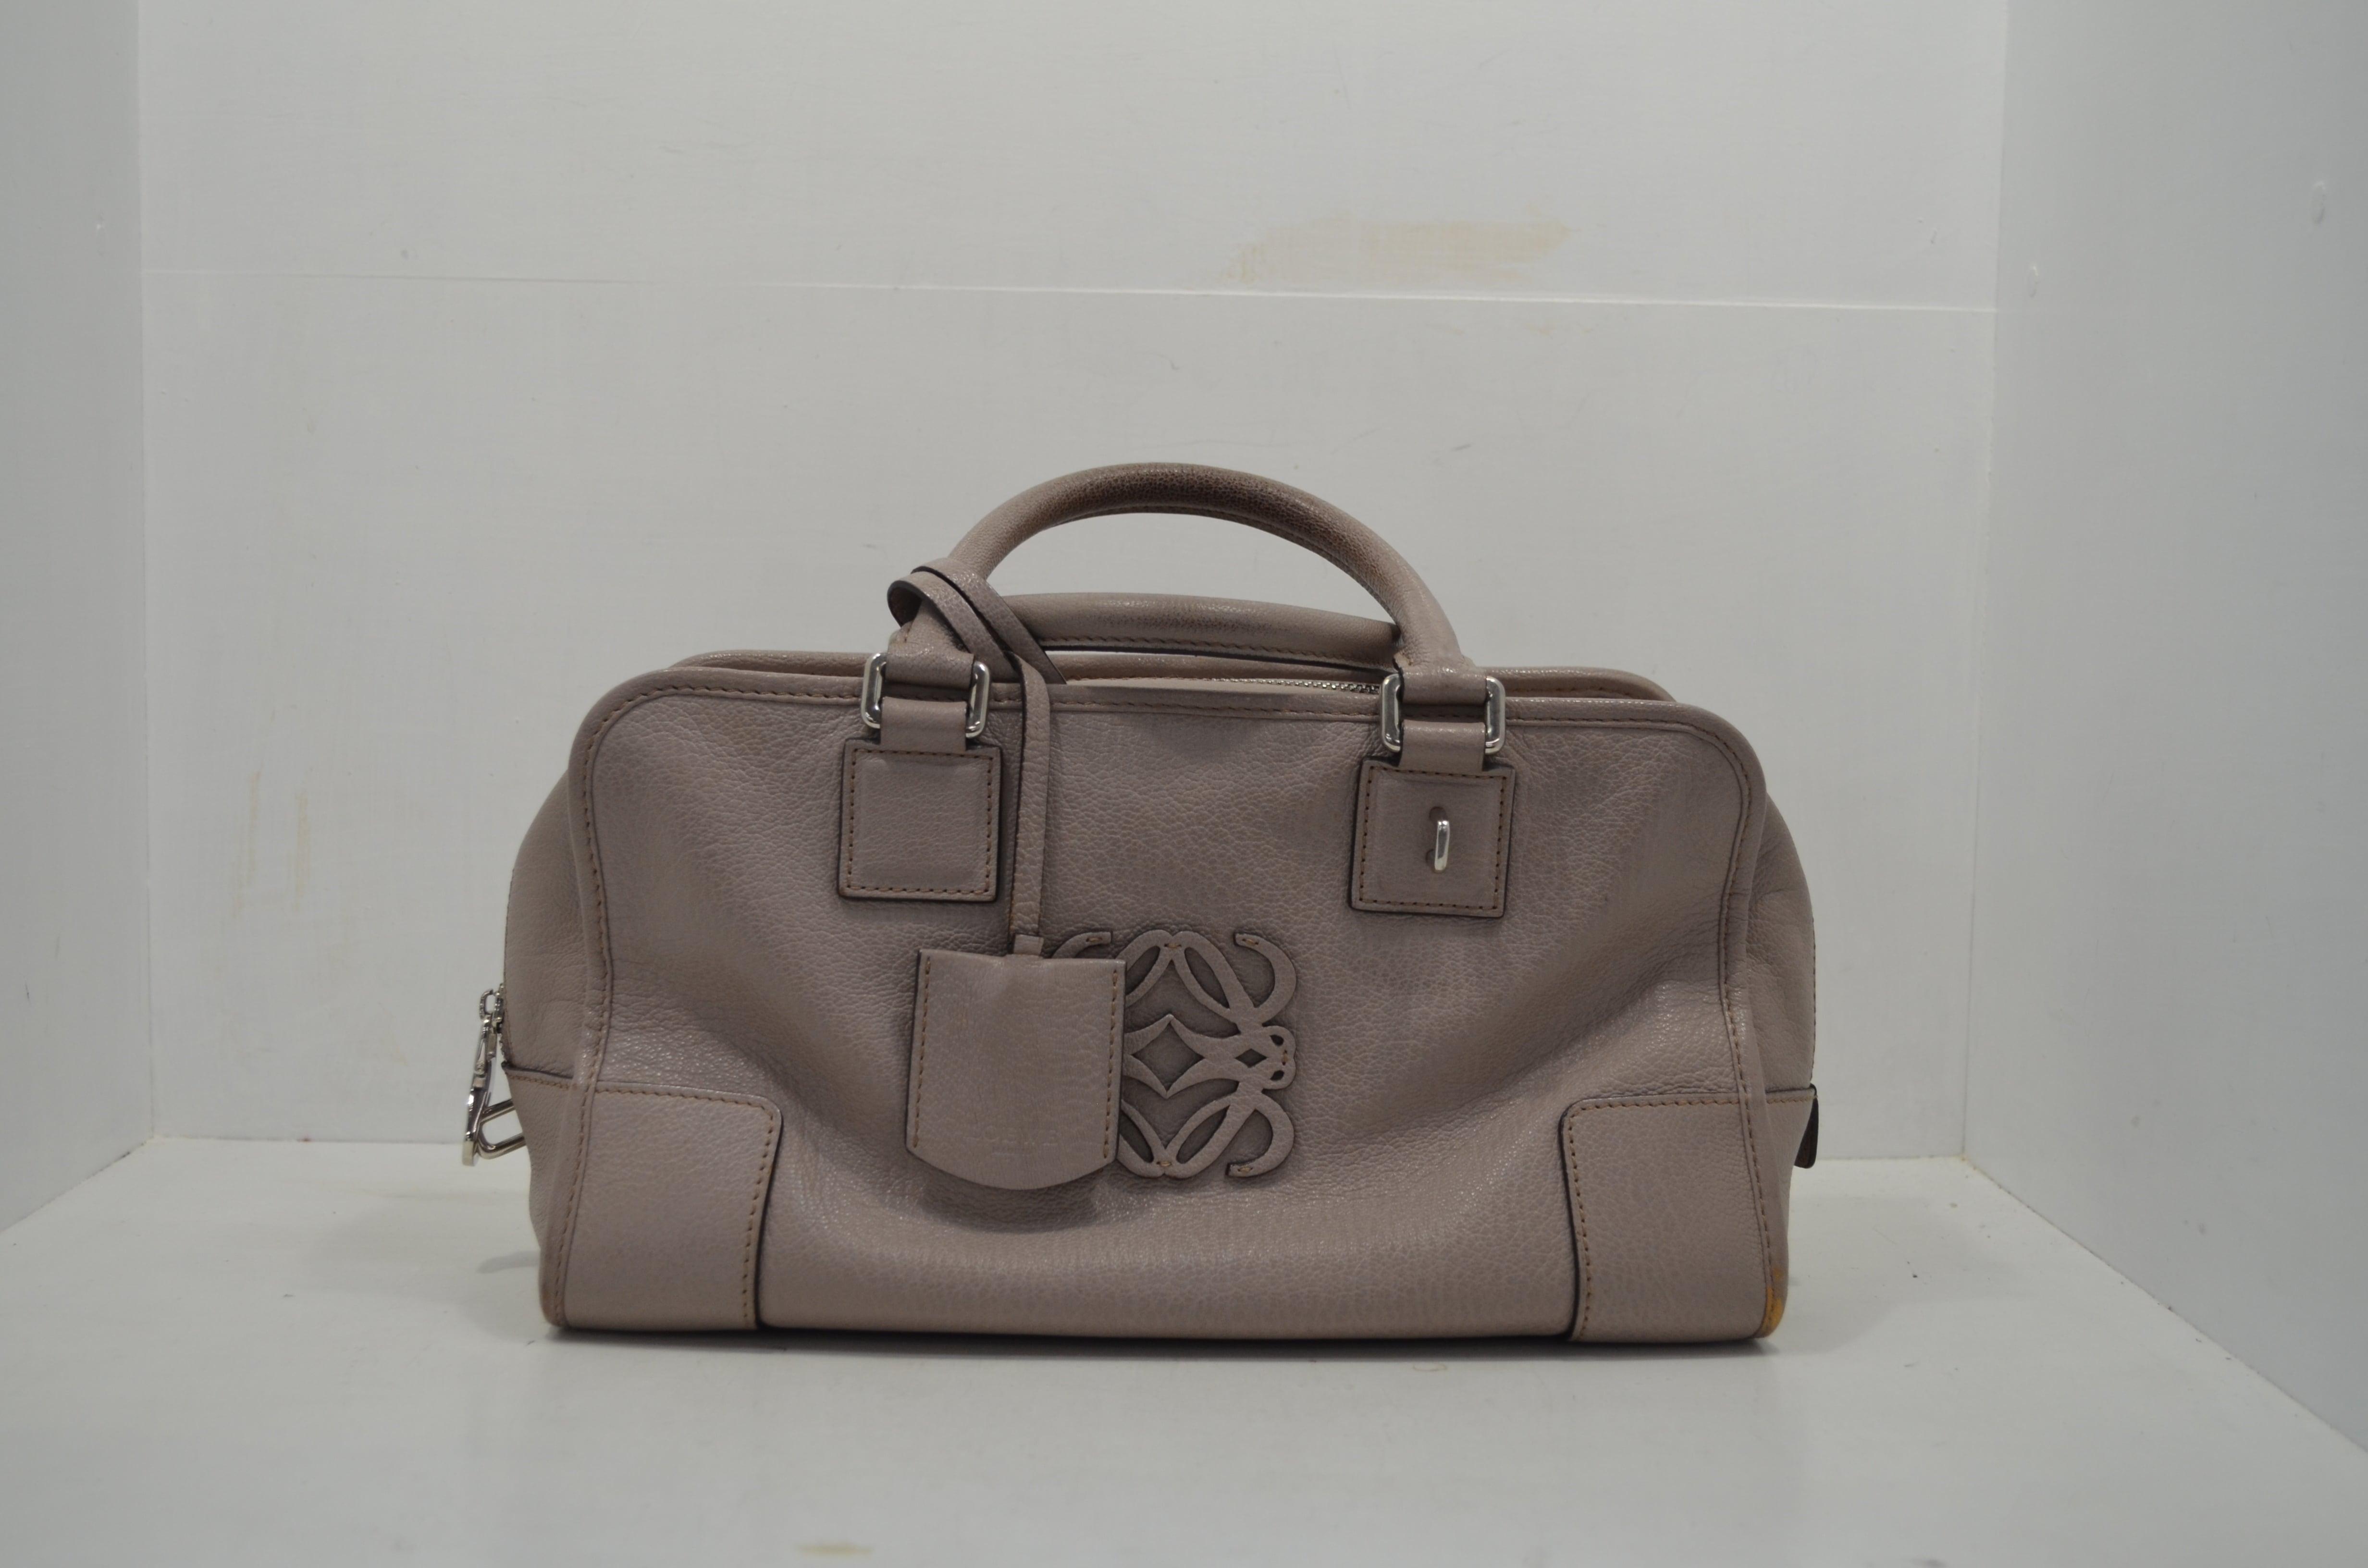 ロエベloeweの鞄(バッグ)のクリーニング・補色作業前